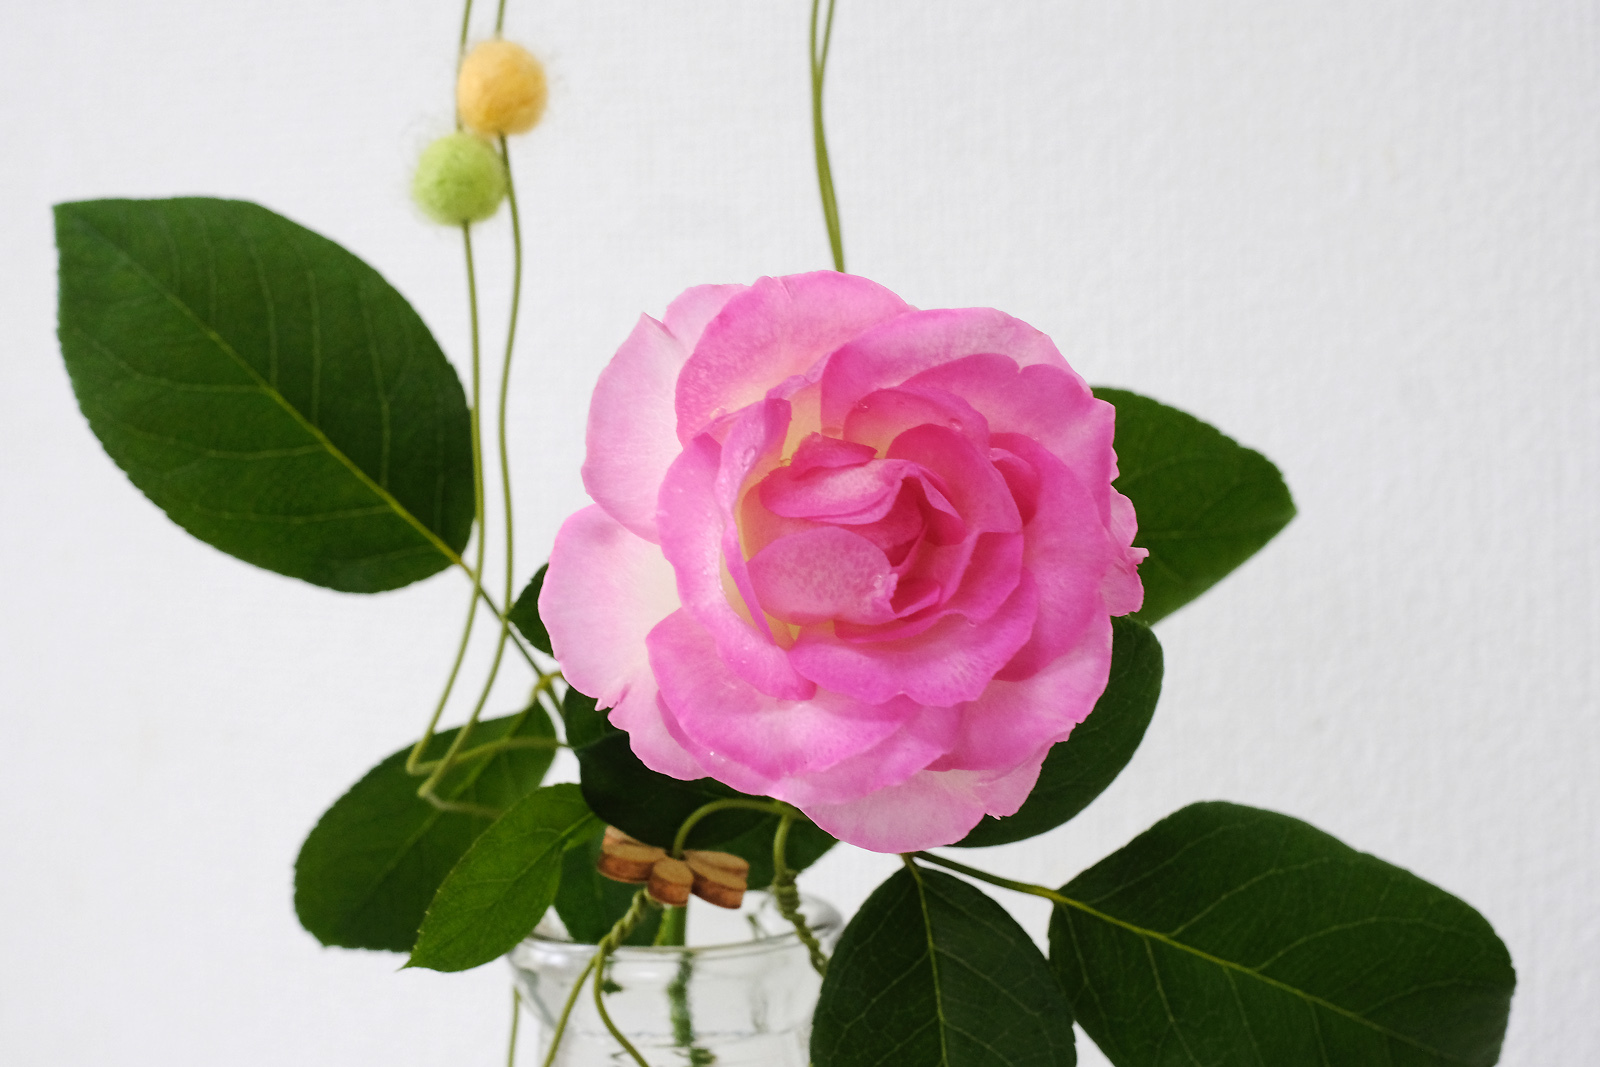 普通に撮った薔薇の花_e0367501_11440256.jpg